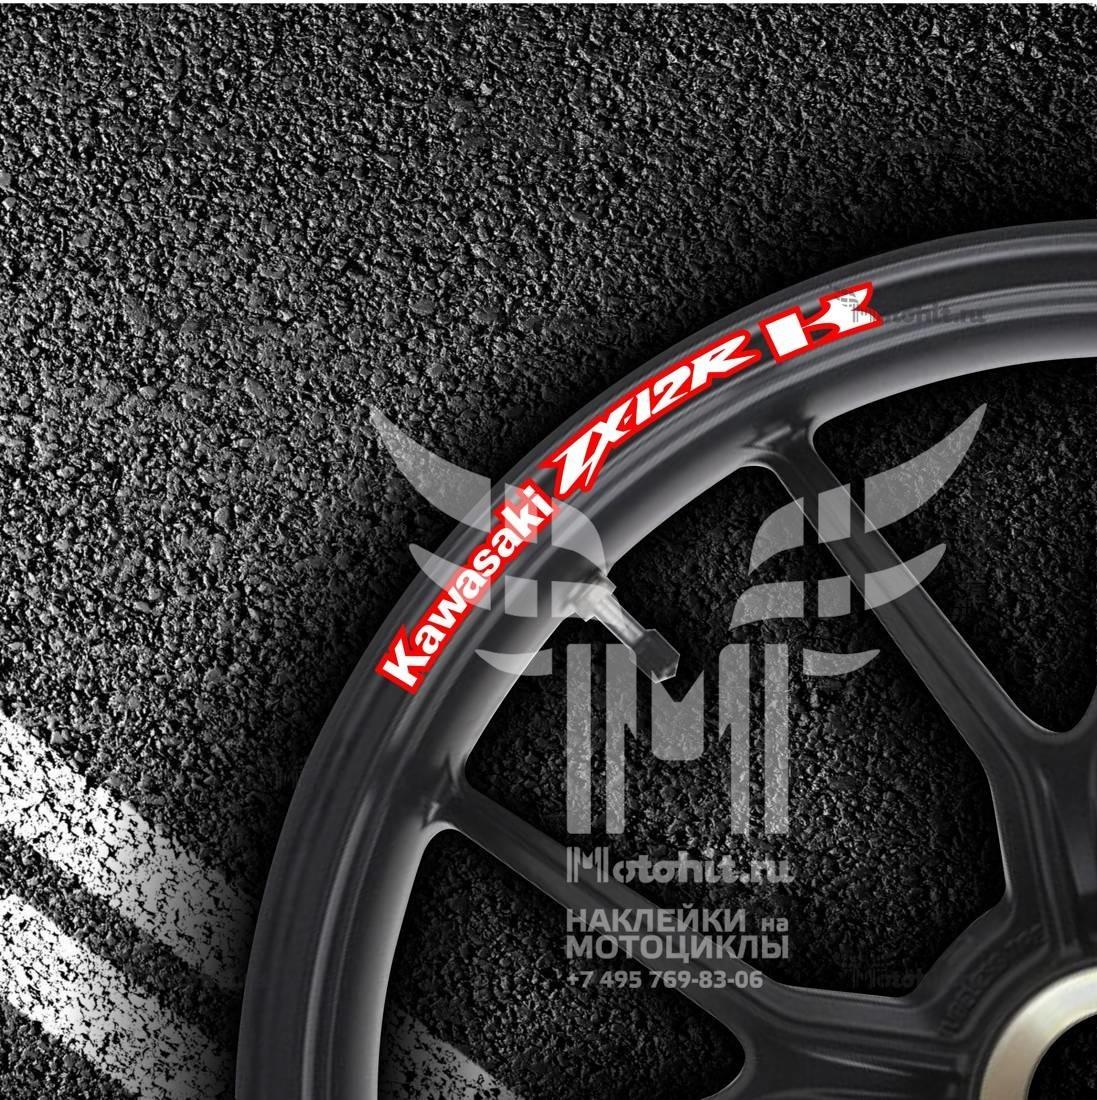 Комплект наклеек на обод колеса мотоцикла KAWASAKI ZX-12R-K